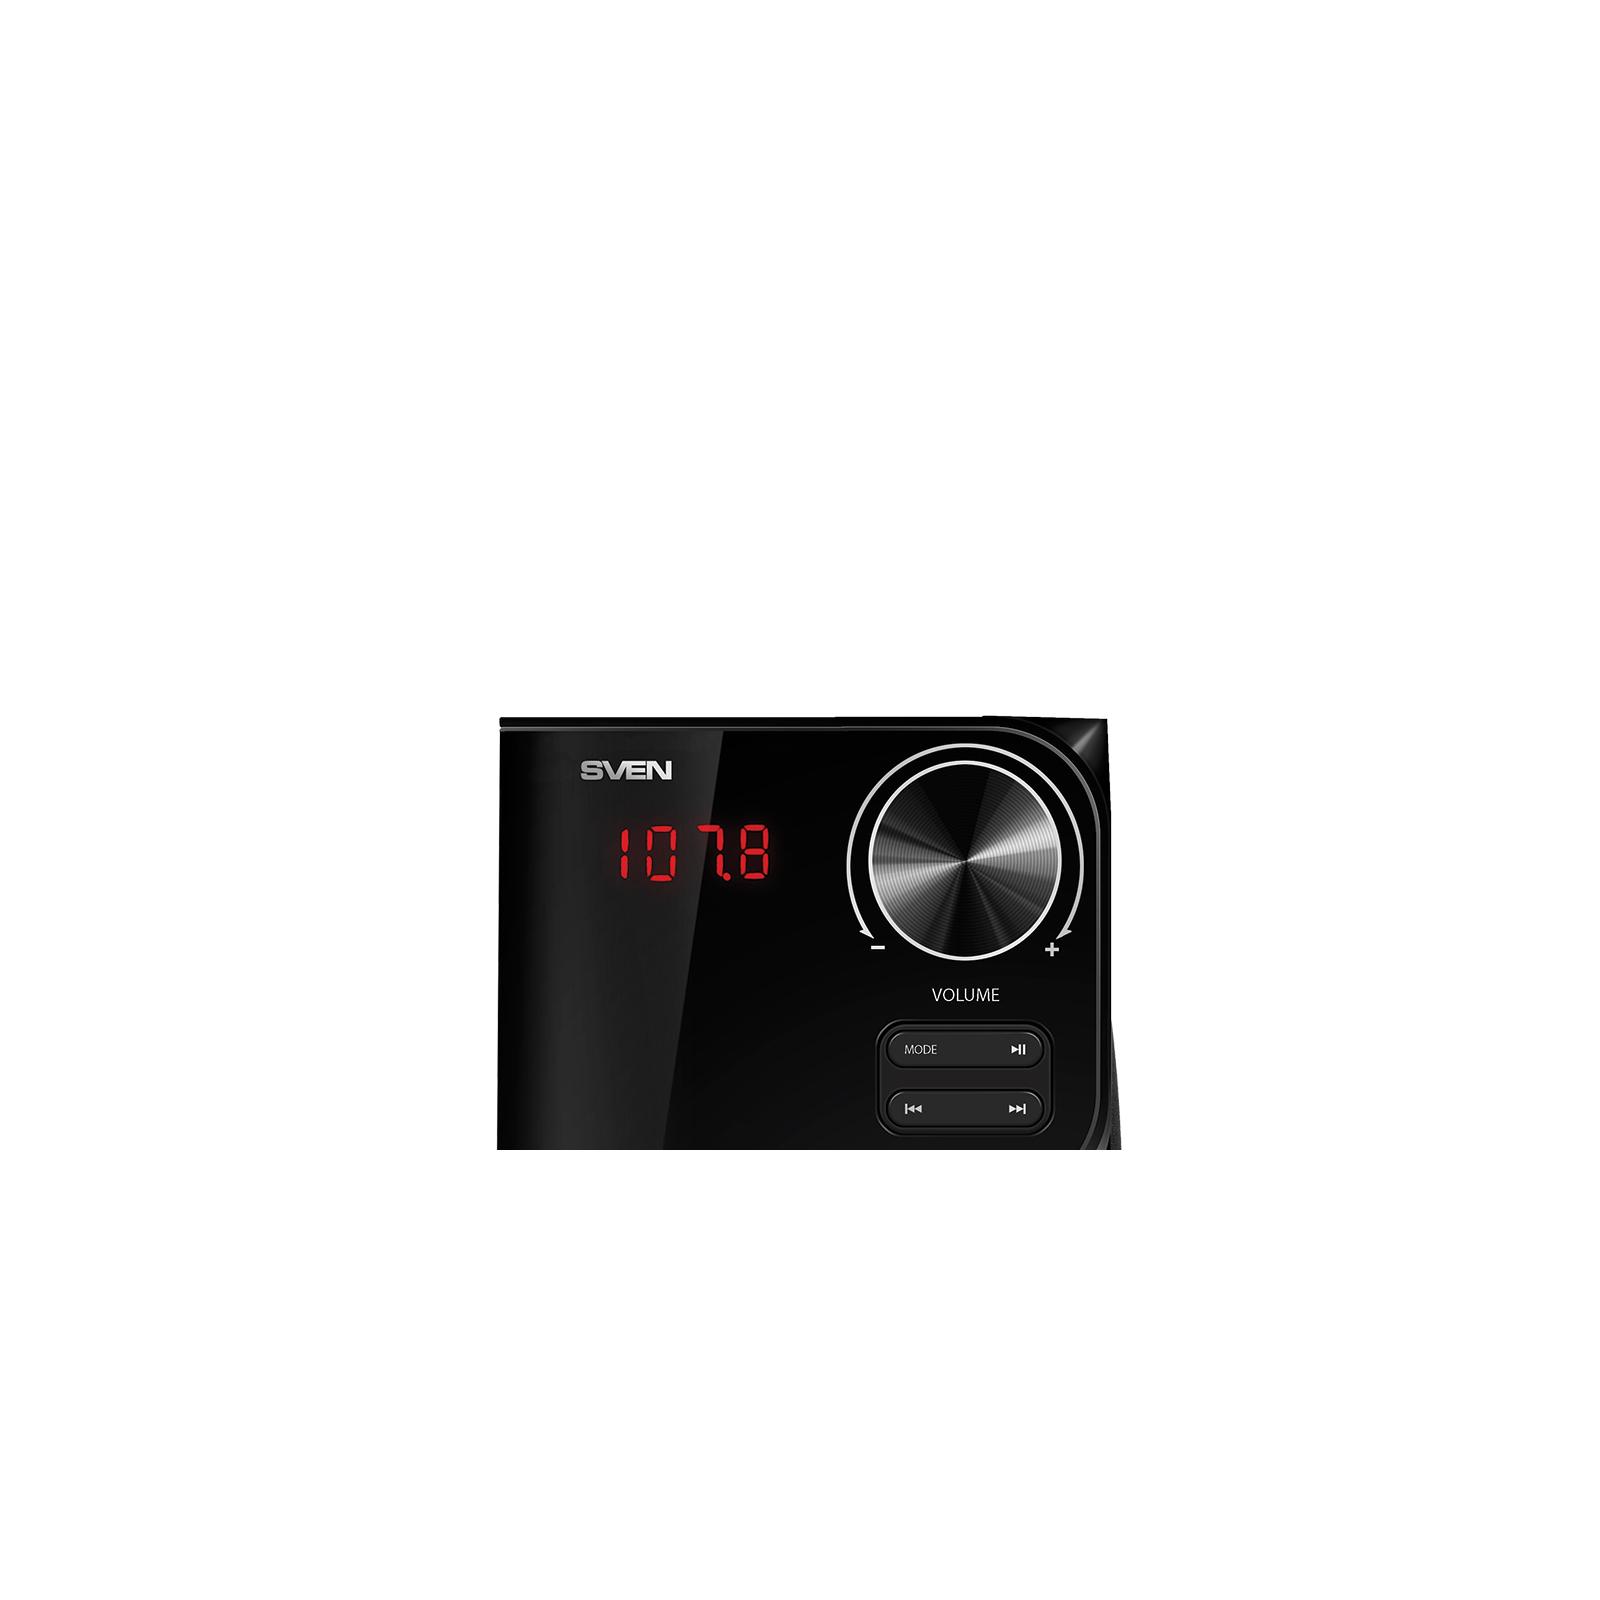 Акустическая система Sven MS-305 black изображение 4